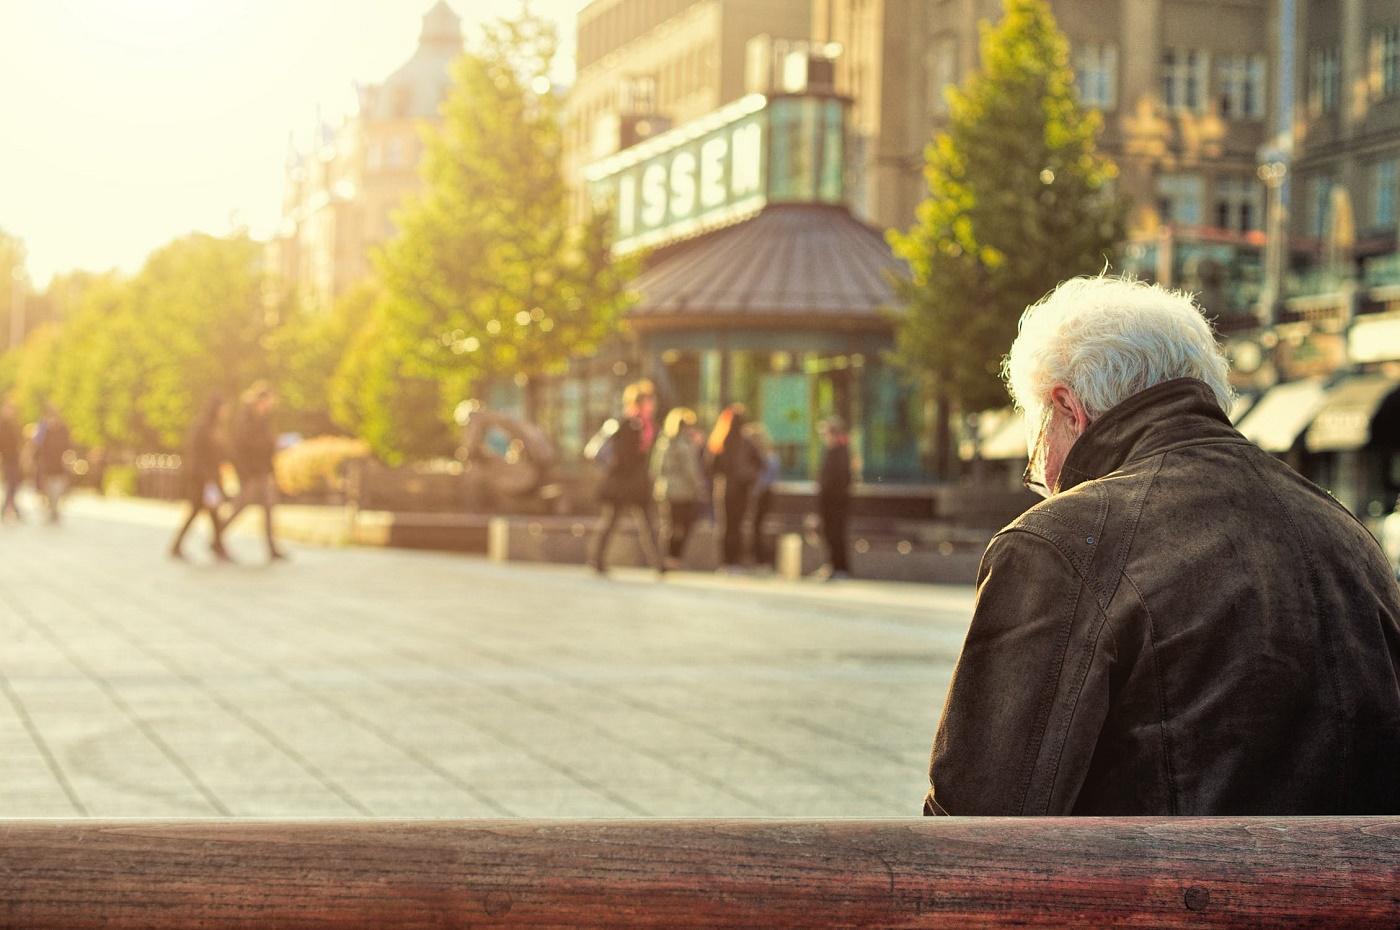 Uomo anziano fotografato di spalle su una panchina